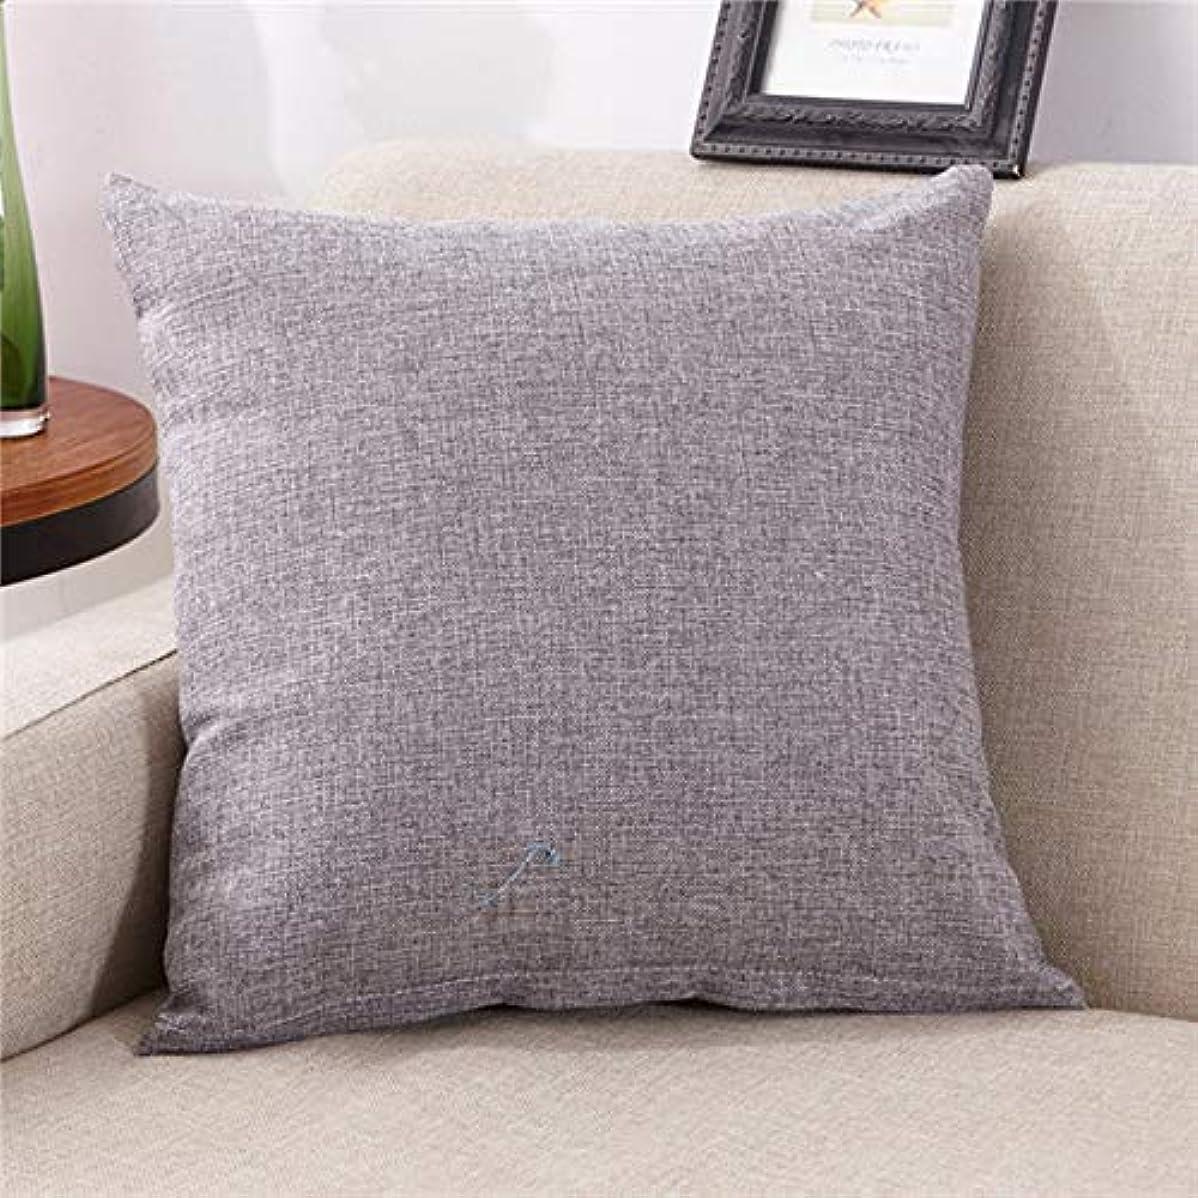 割り込みファンリーダーシップLIFE クリエイティブシンプルなファッションスロー枕クッションカフェソファクッションのホームインテリア z0403# G20 クッション 椅子